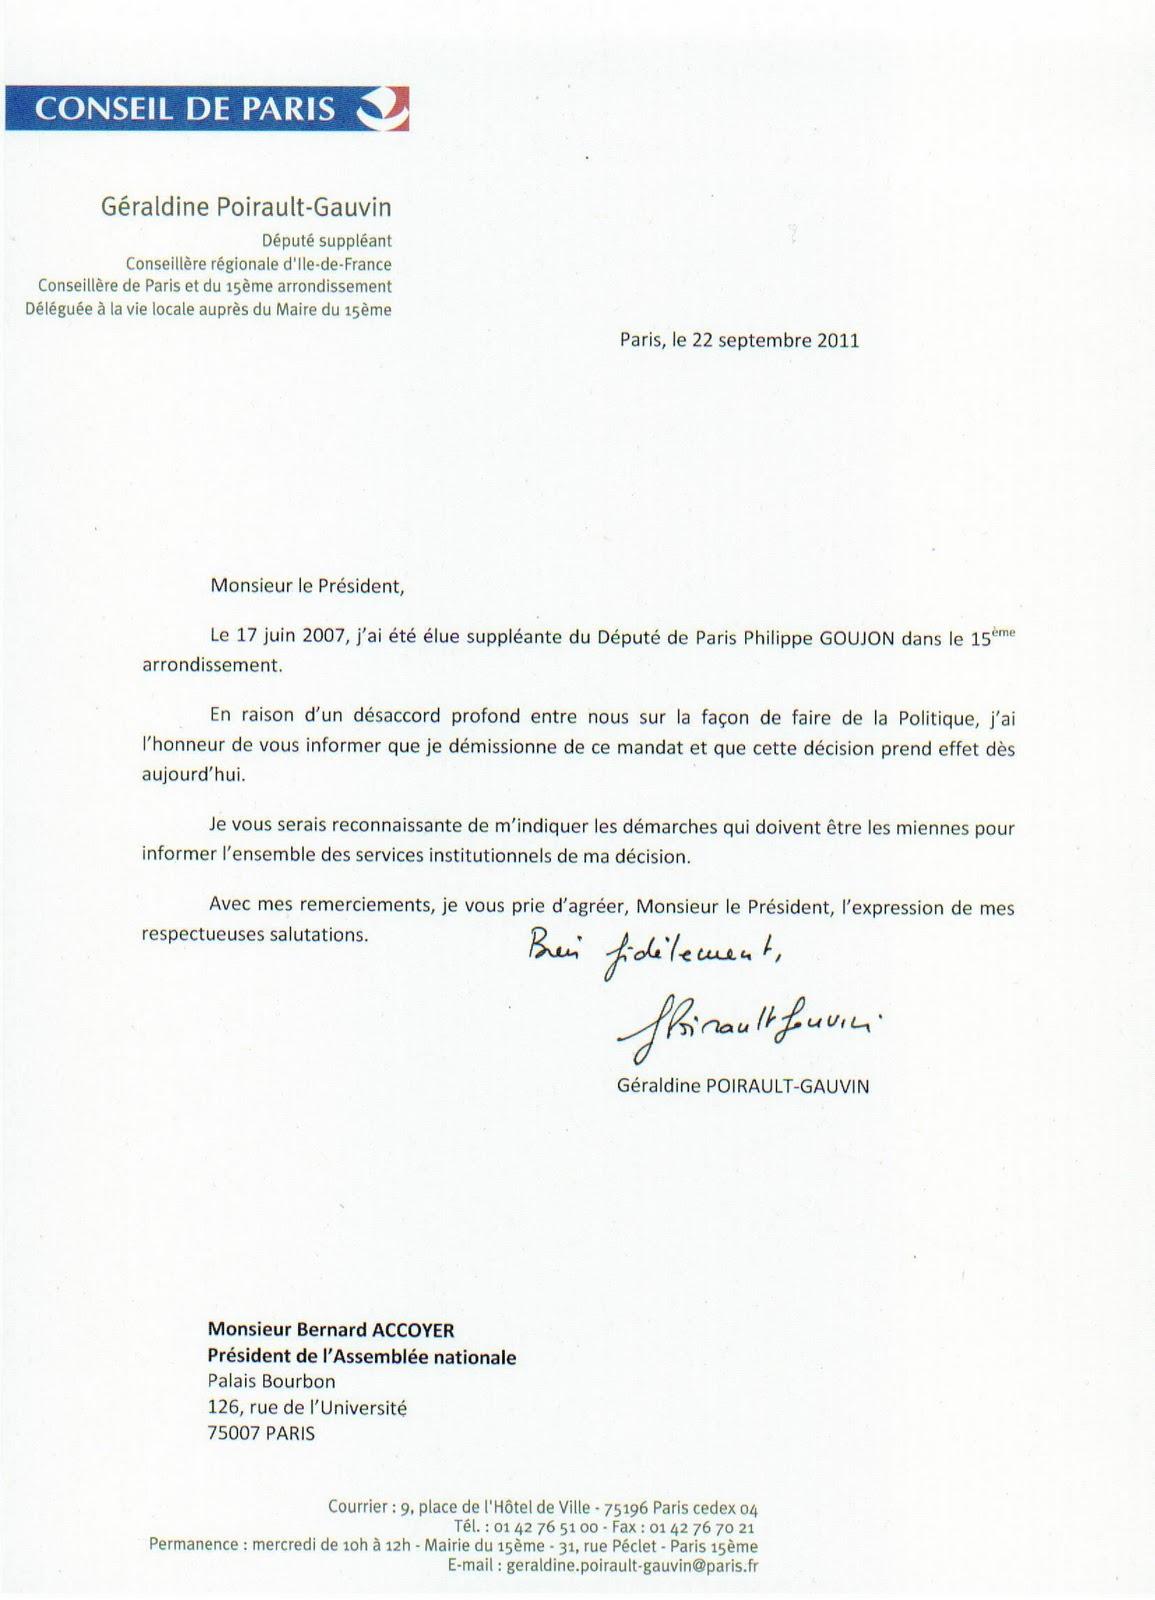 ecrire une lettre de demission Comment rédiger une lettre de démission ? ecrire une lettre de demission